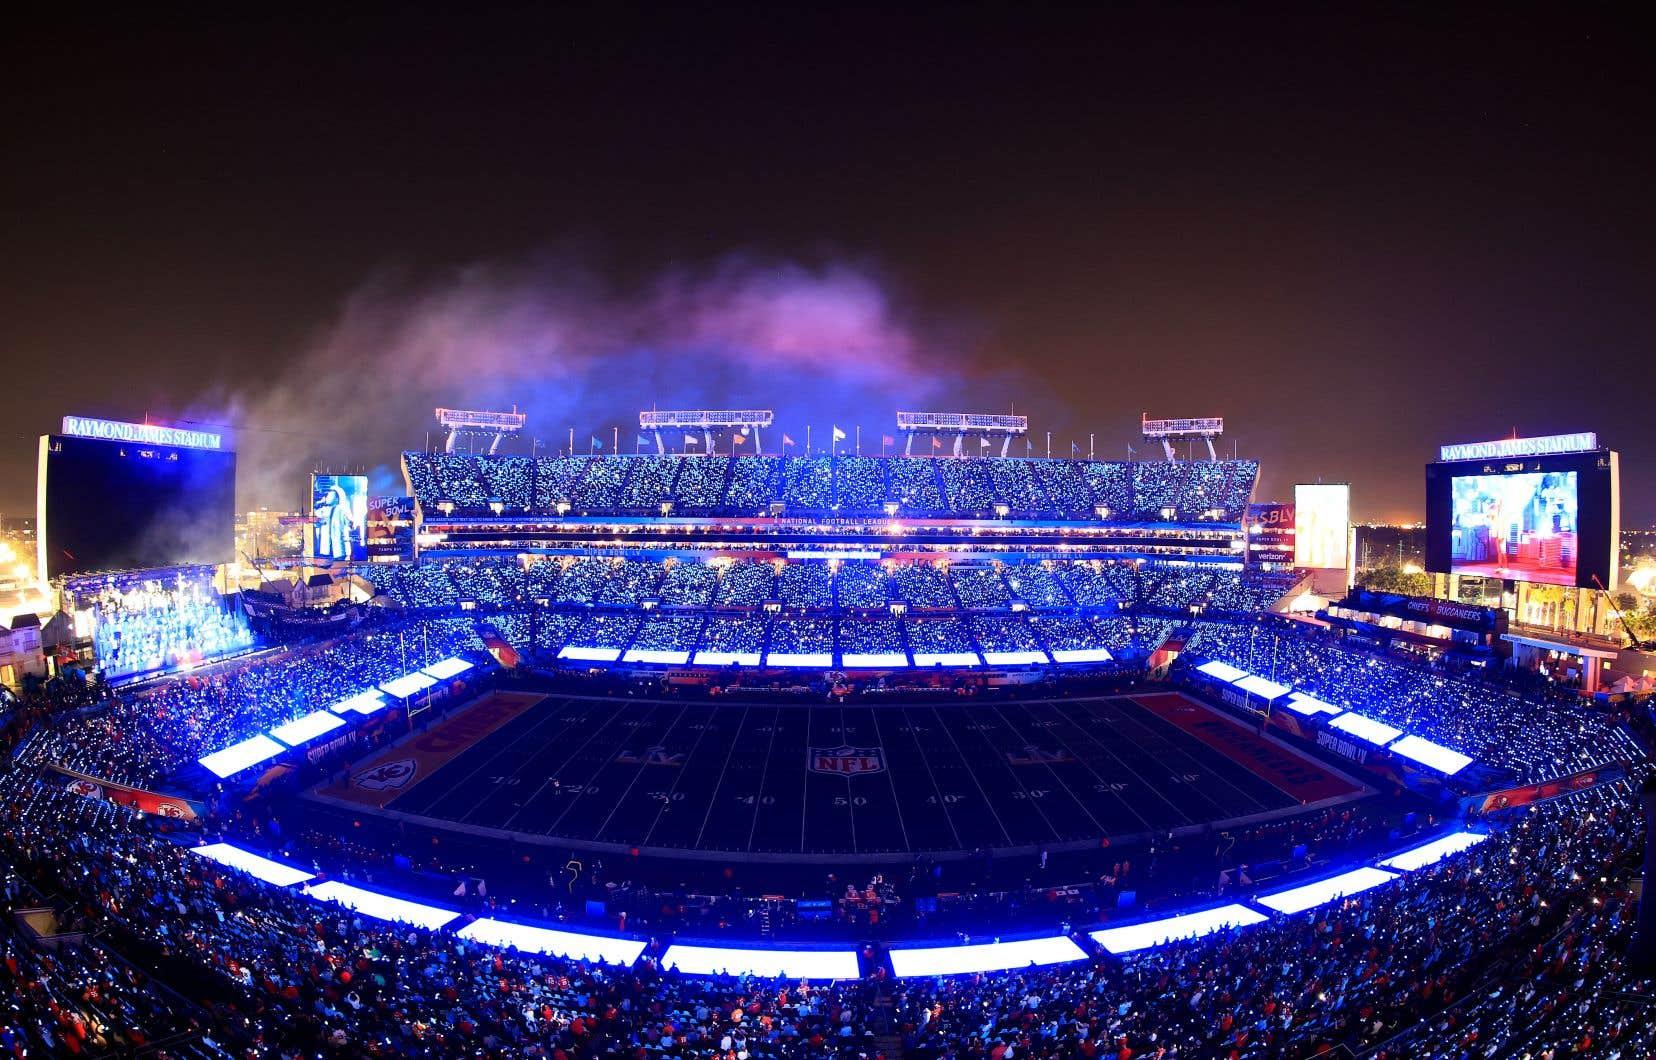 Les jeux de lumière ont été conçus comme une chorégraphie afin d'accompagner la performance du chanteur canadien The Weeknd à la mi-temps.